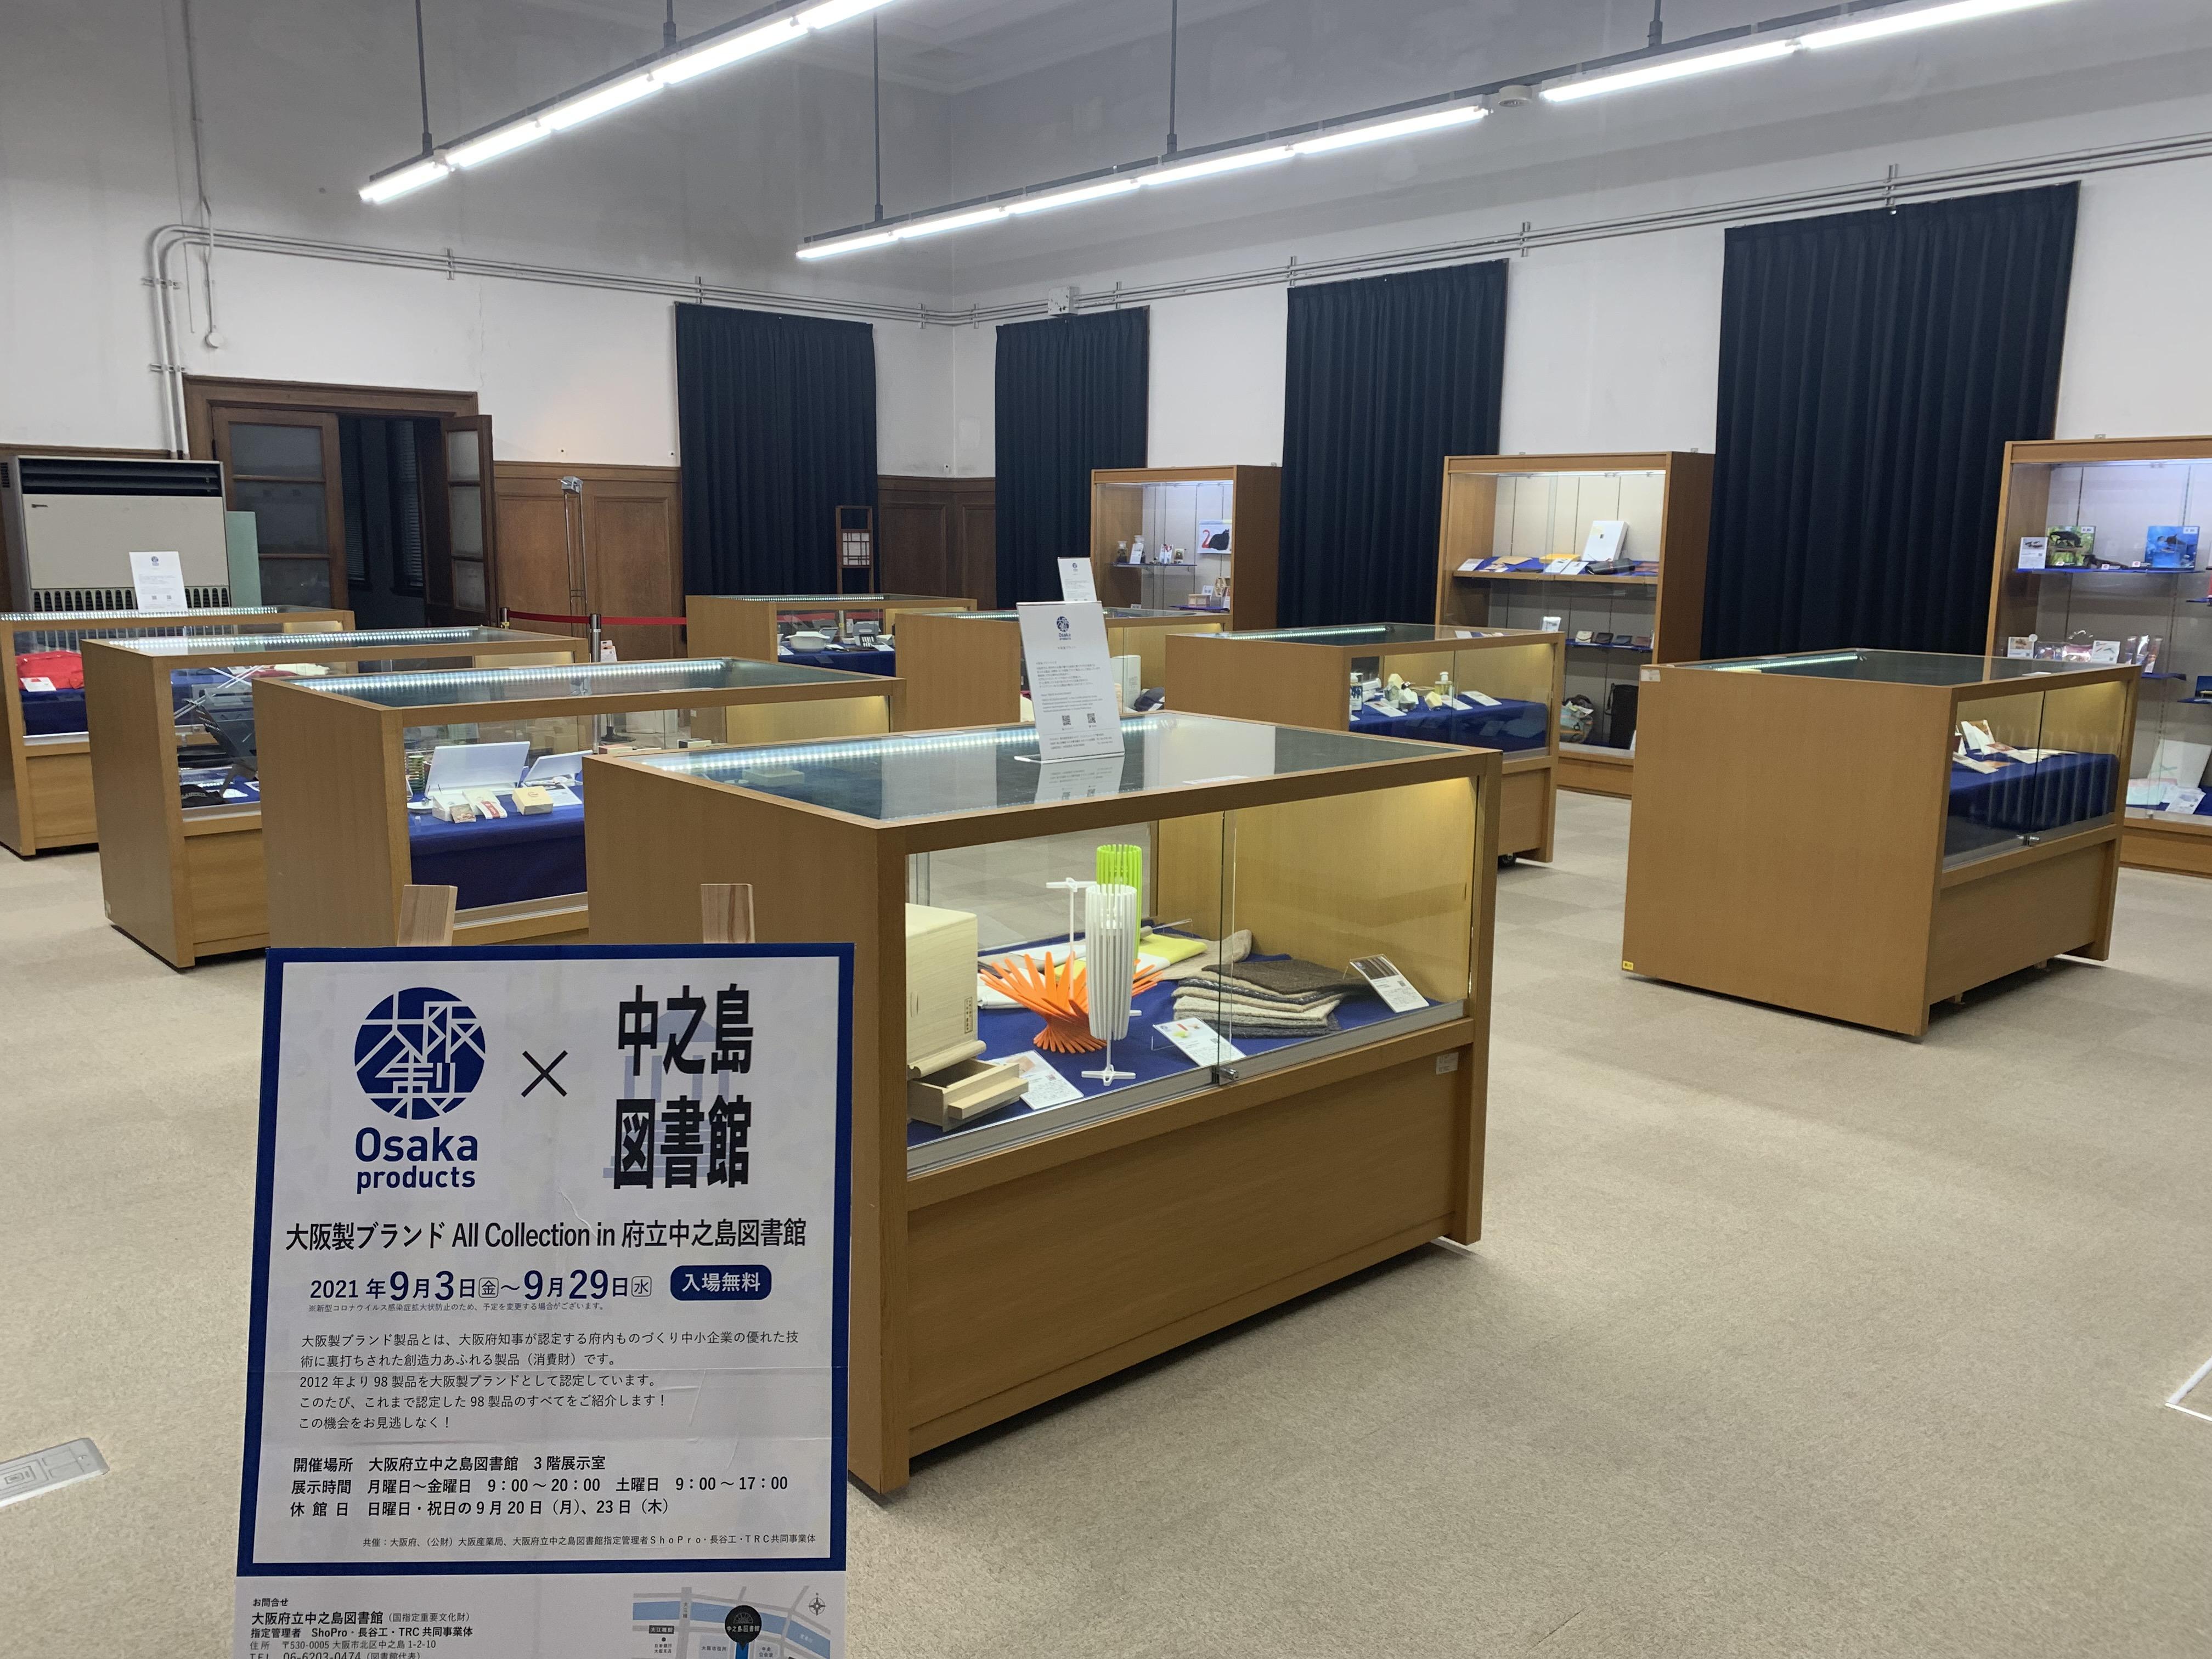 「大阪製ブランド製品」の展示会が大阪府立中之島図書館で開催中です!